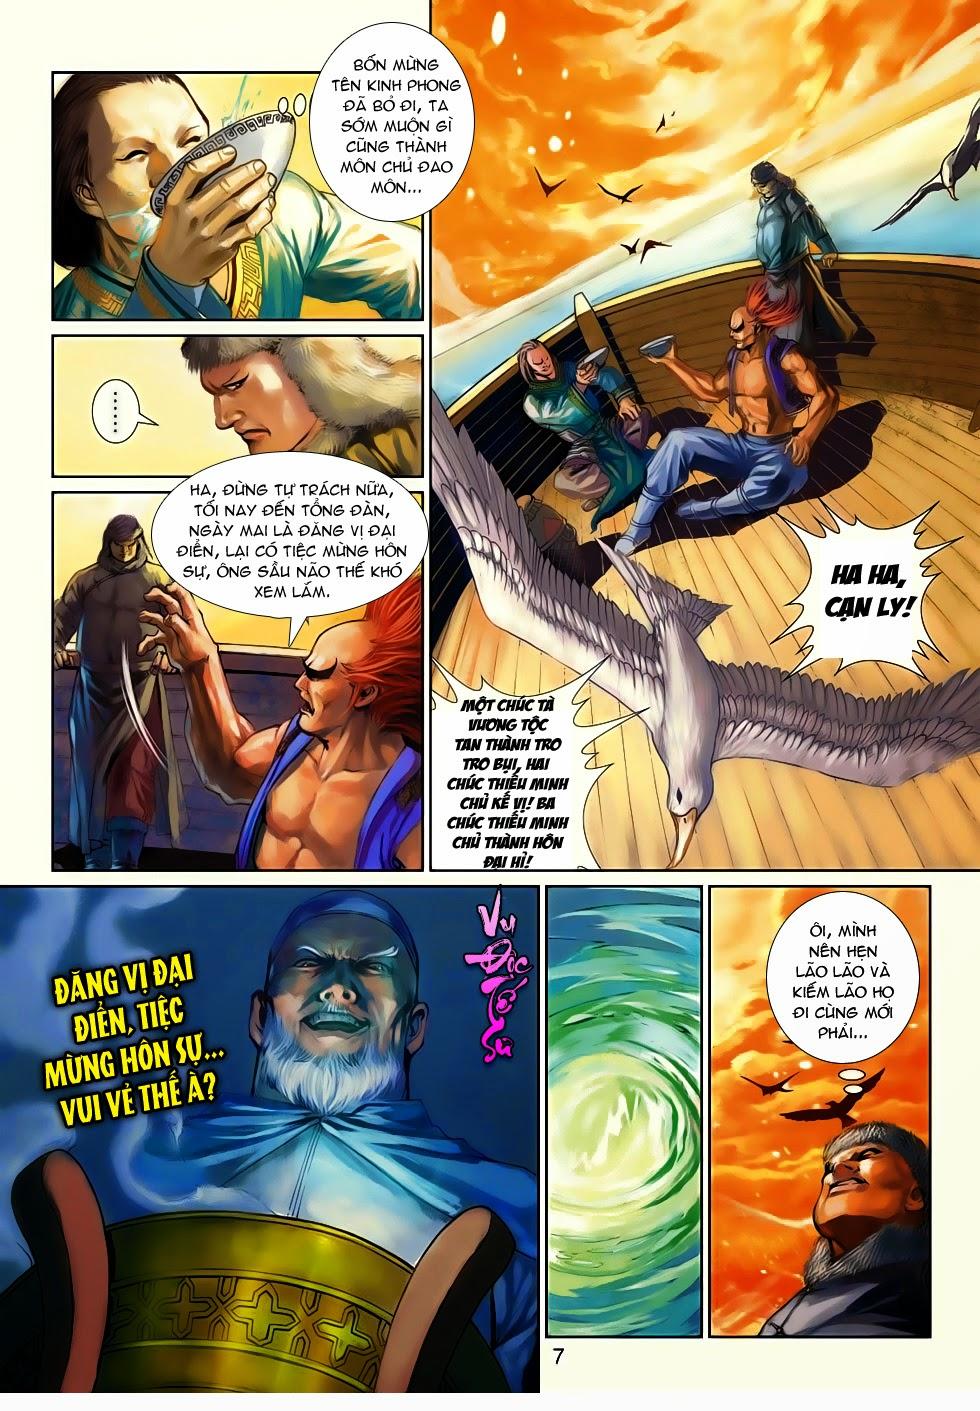 Thần Binh Tiền Truyện 4 - Huyền Thiên Tà Đế chap 10 - Trang 7